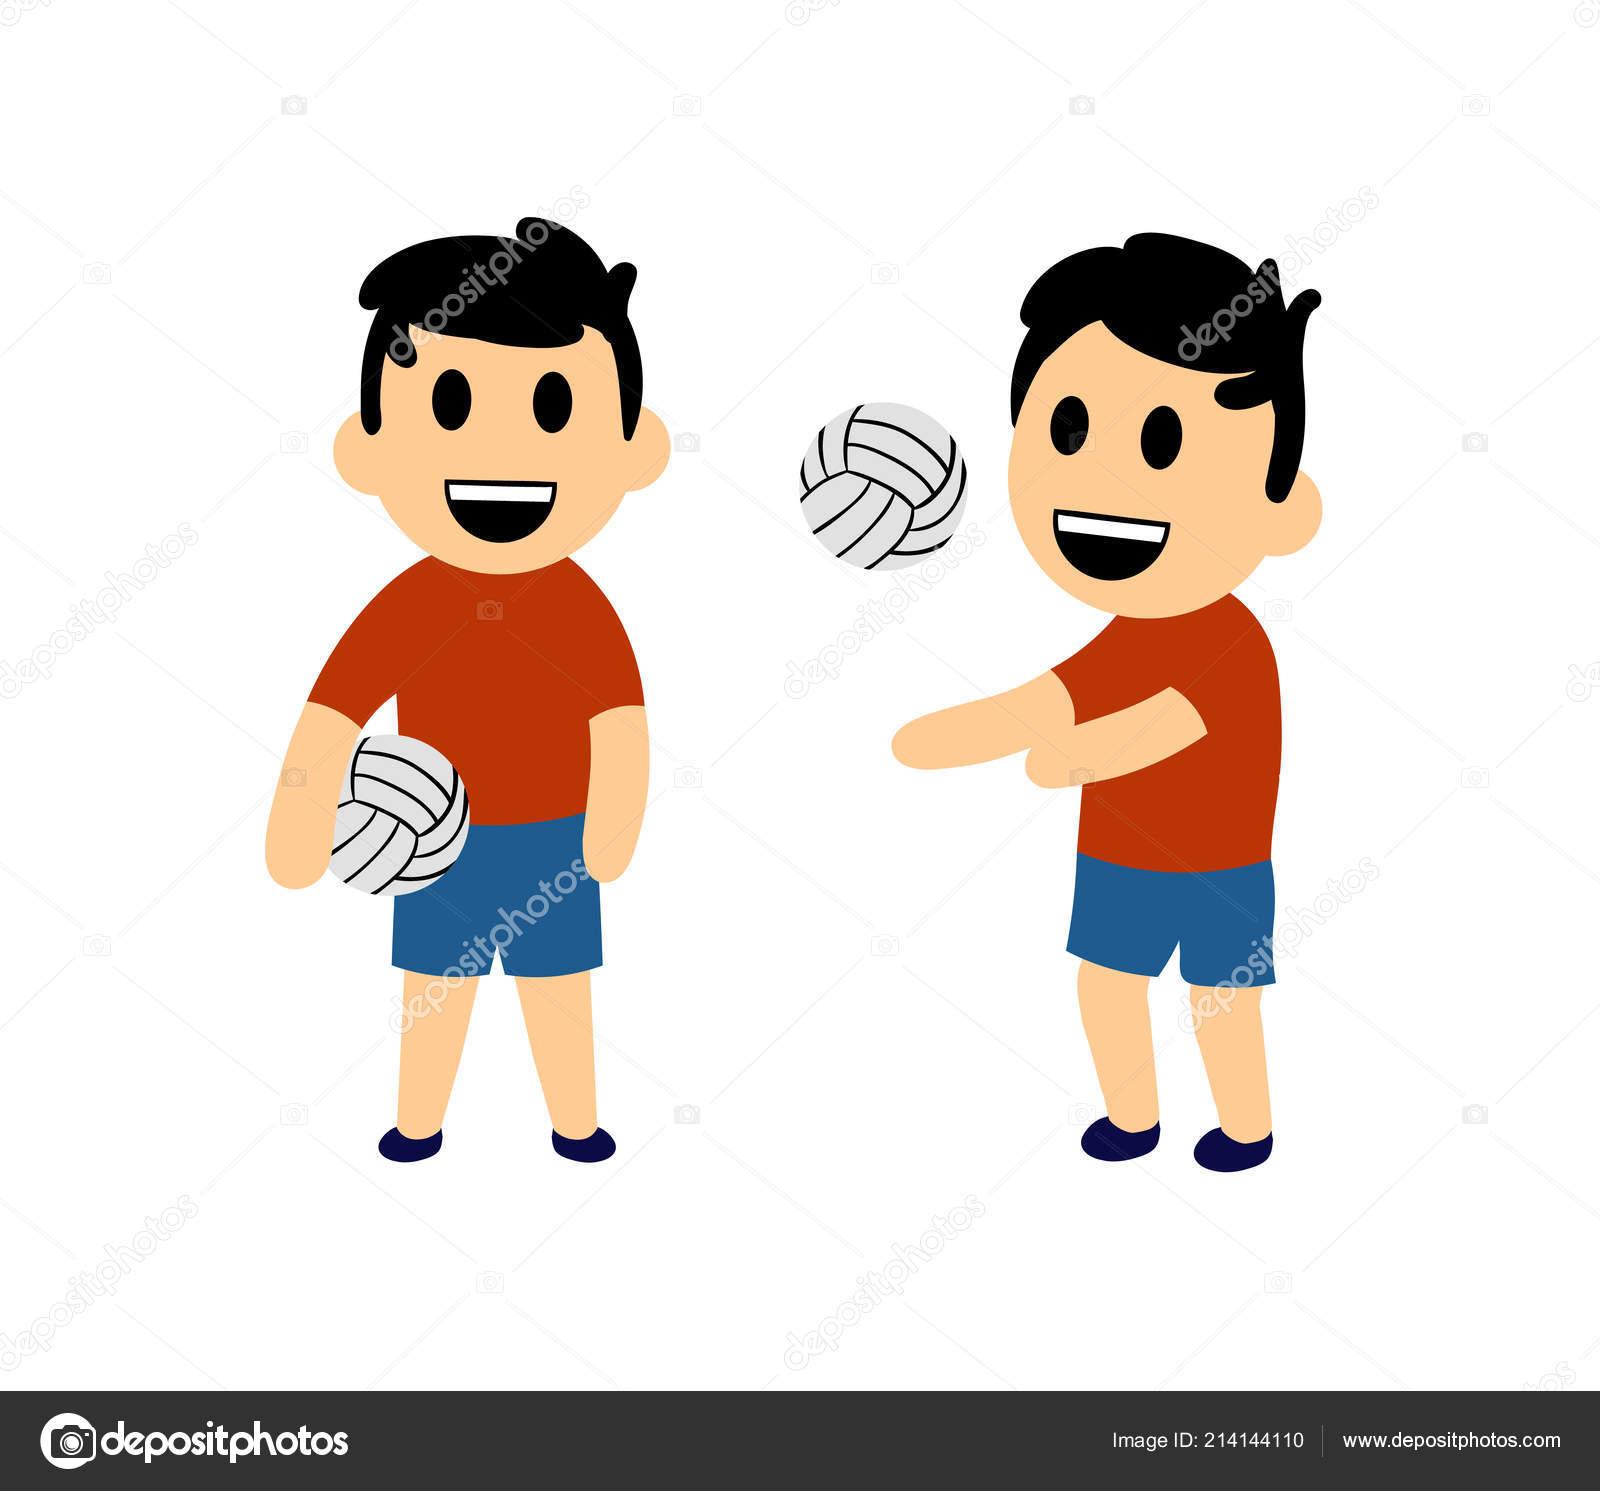 Vtipne Kreslene Chlapce Hrat Volejbal Sada Dvou Postav Plocha